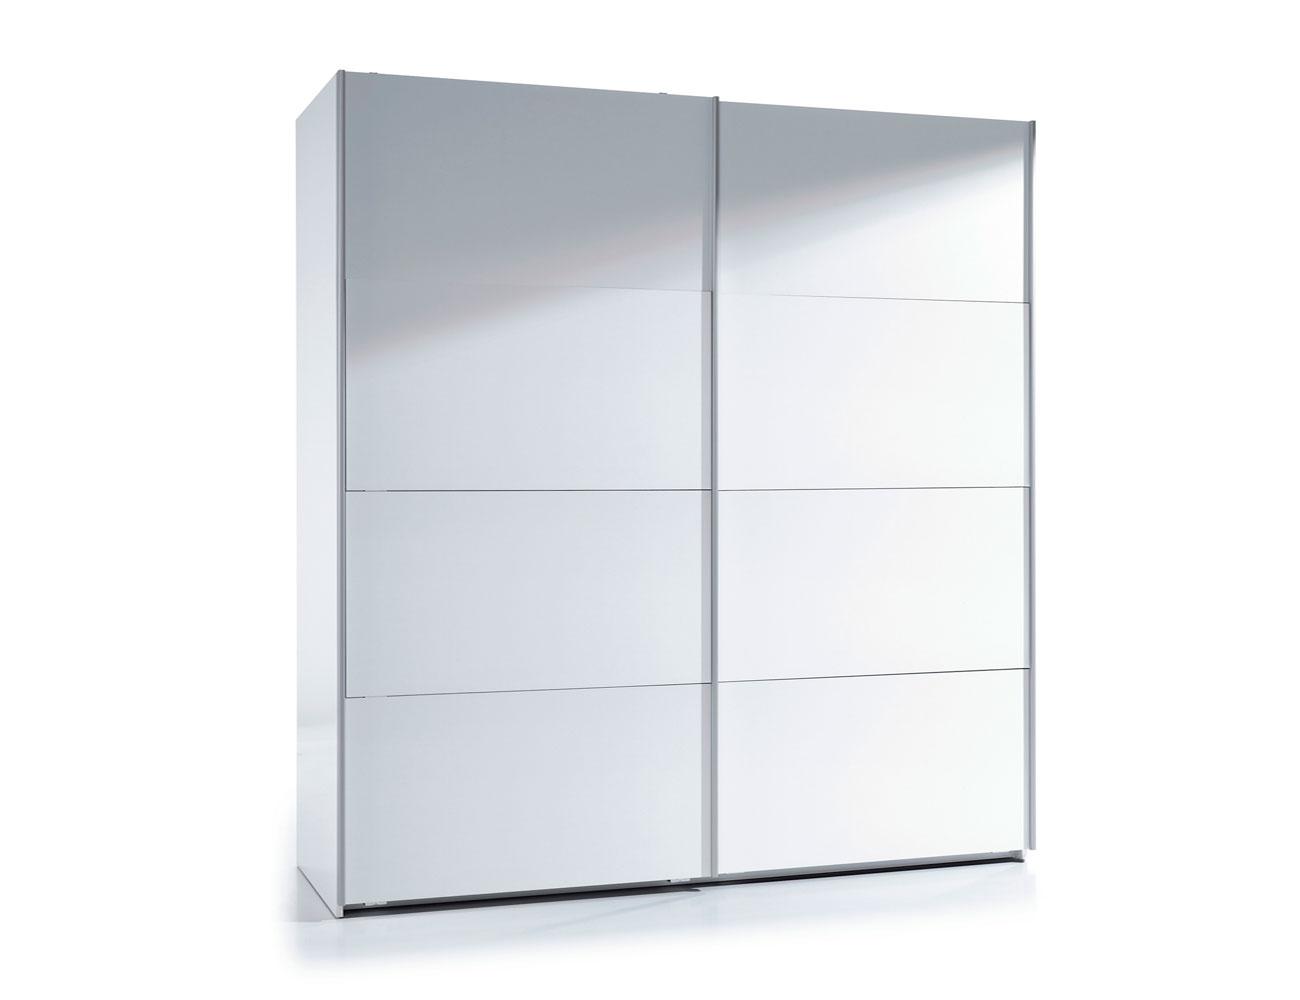 Armario de puertas correderas de 180 cm de ancho blanco for Armario puertas correderas 100 cm